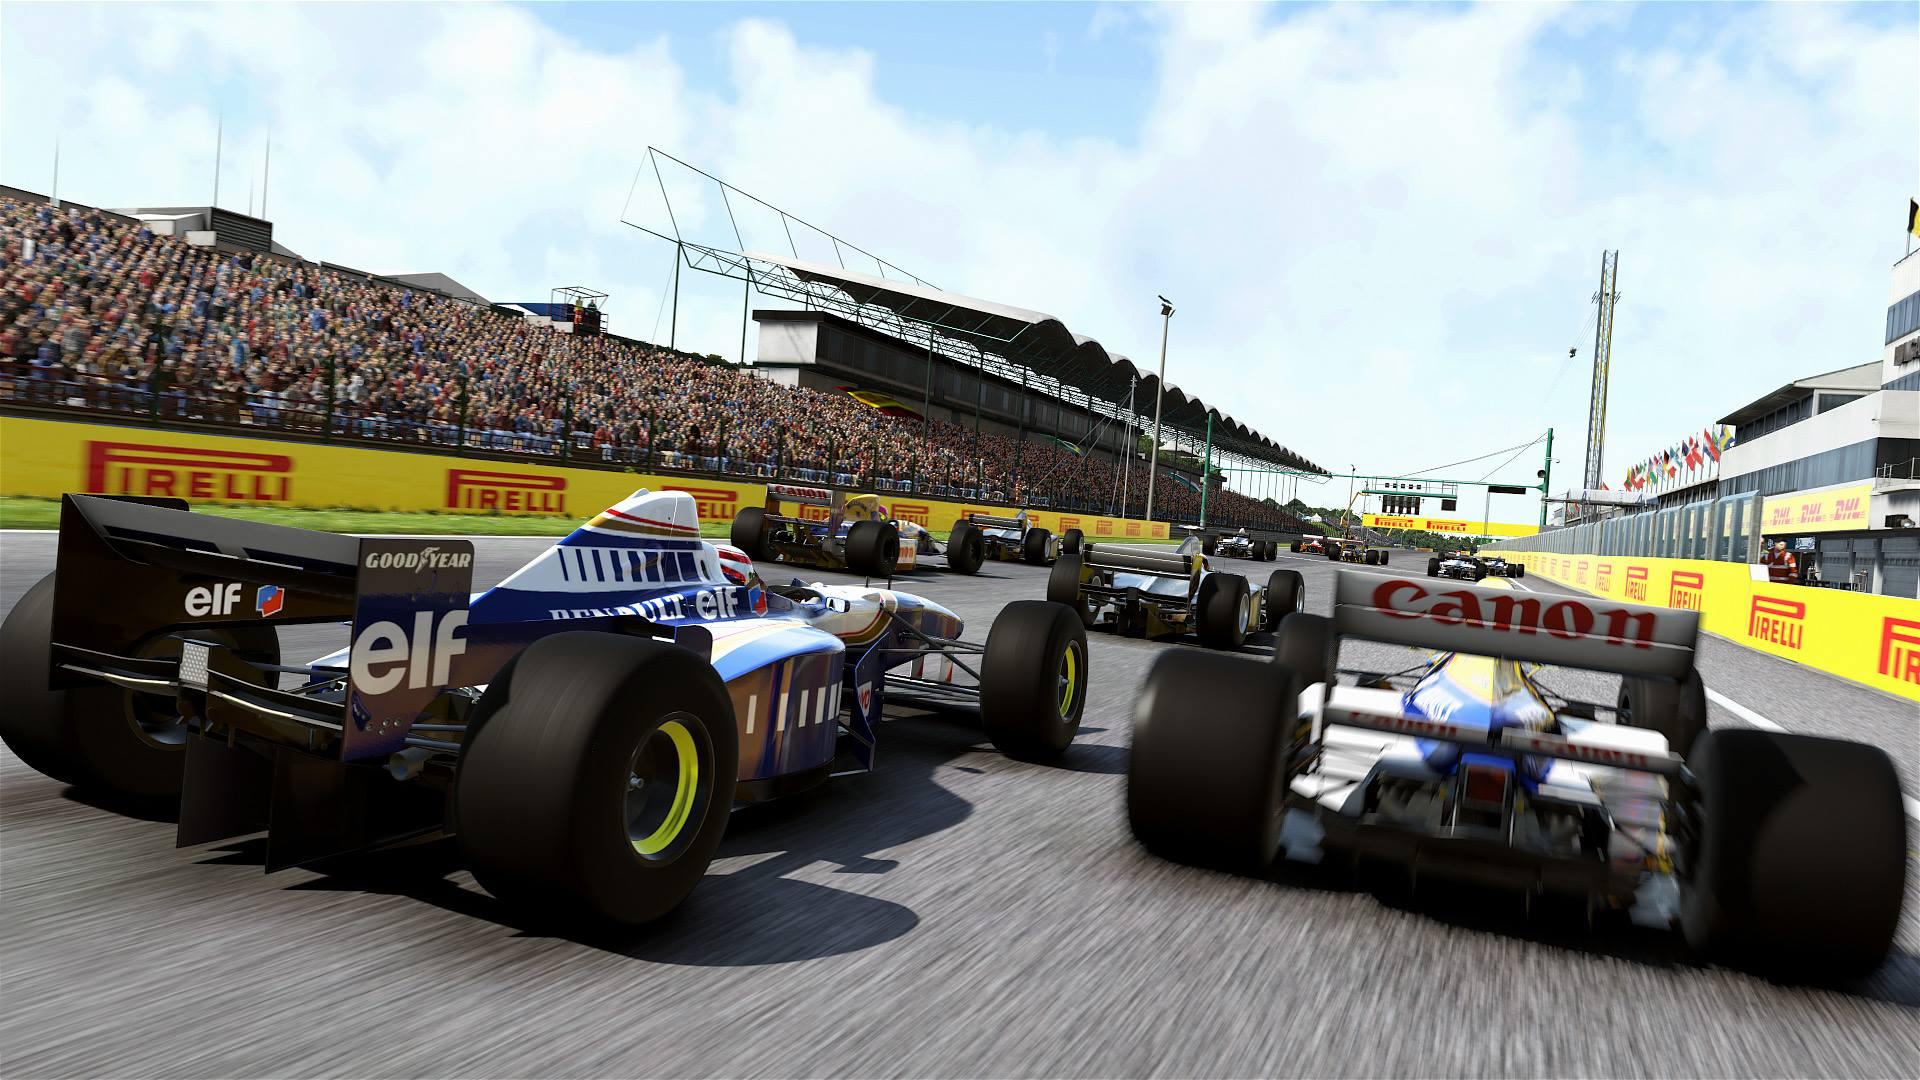 F1 2017 screenshot - classic F1 Williams